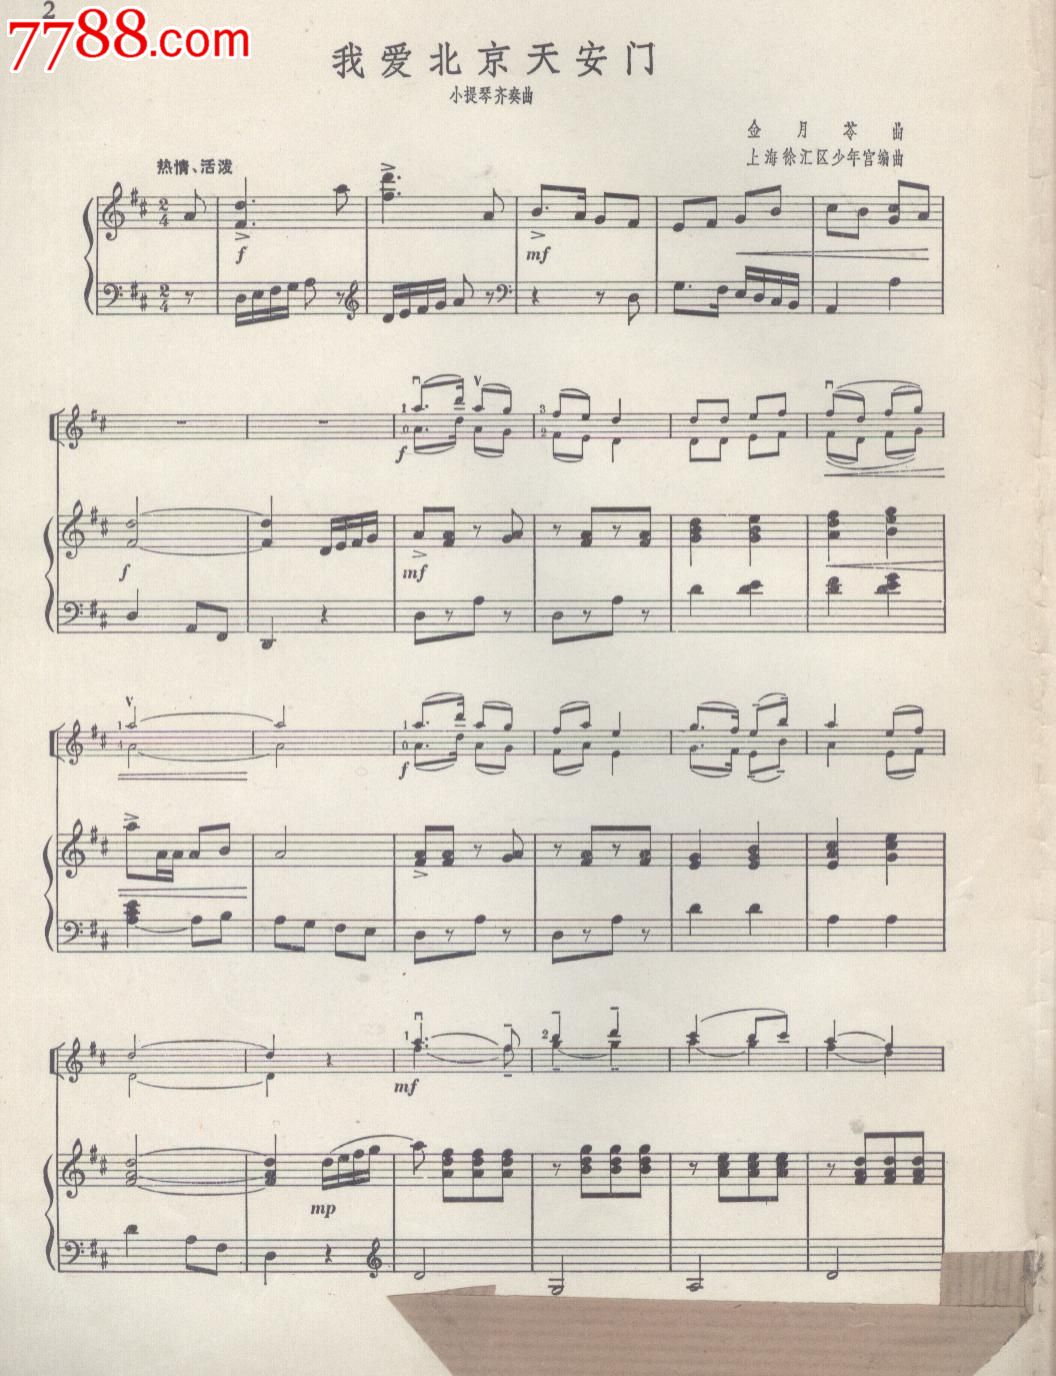 我爱北京天安门---小提琴齐奏曲.(五线谱)